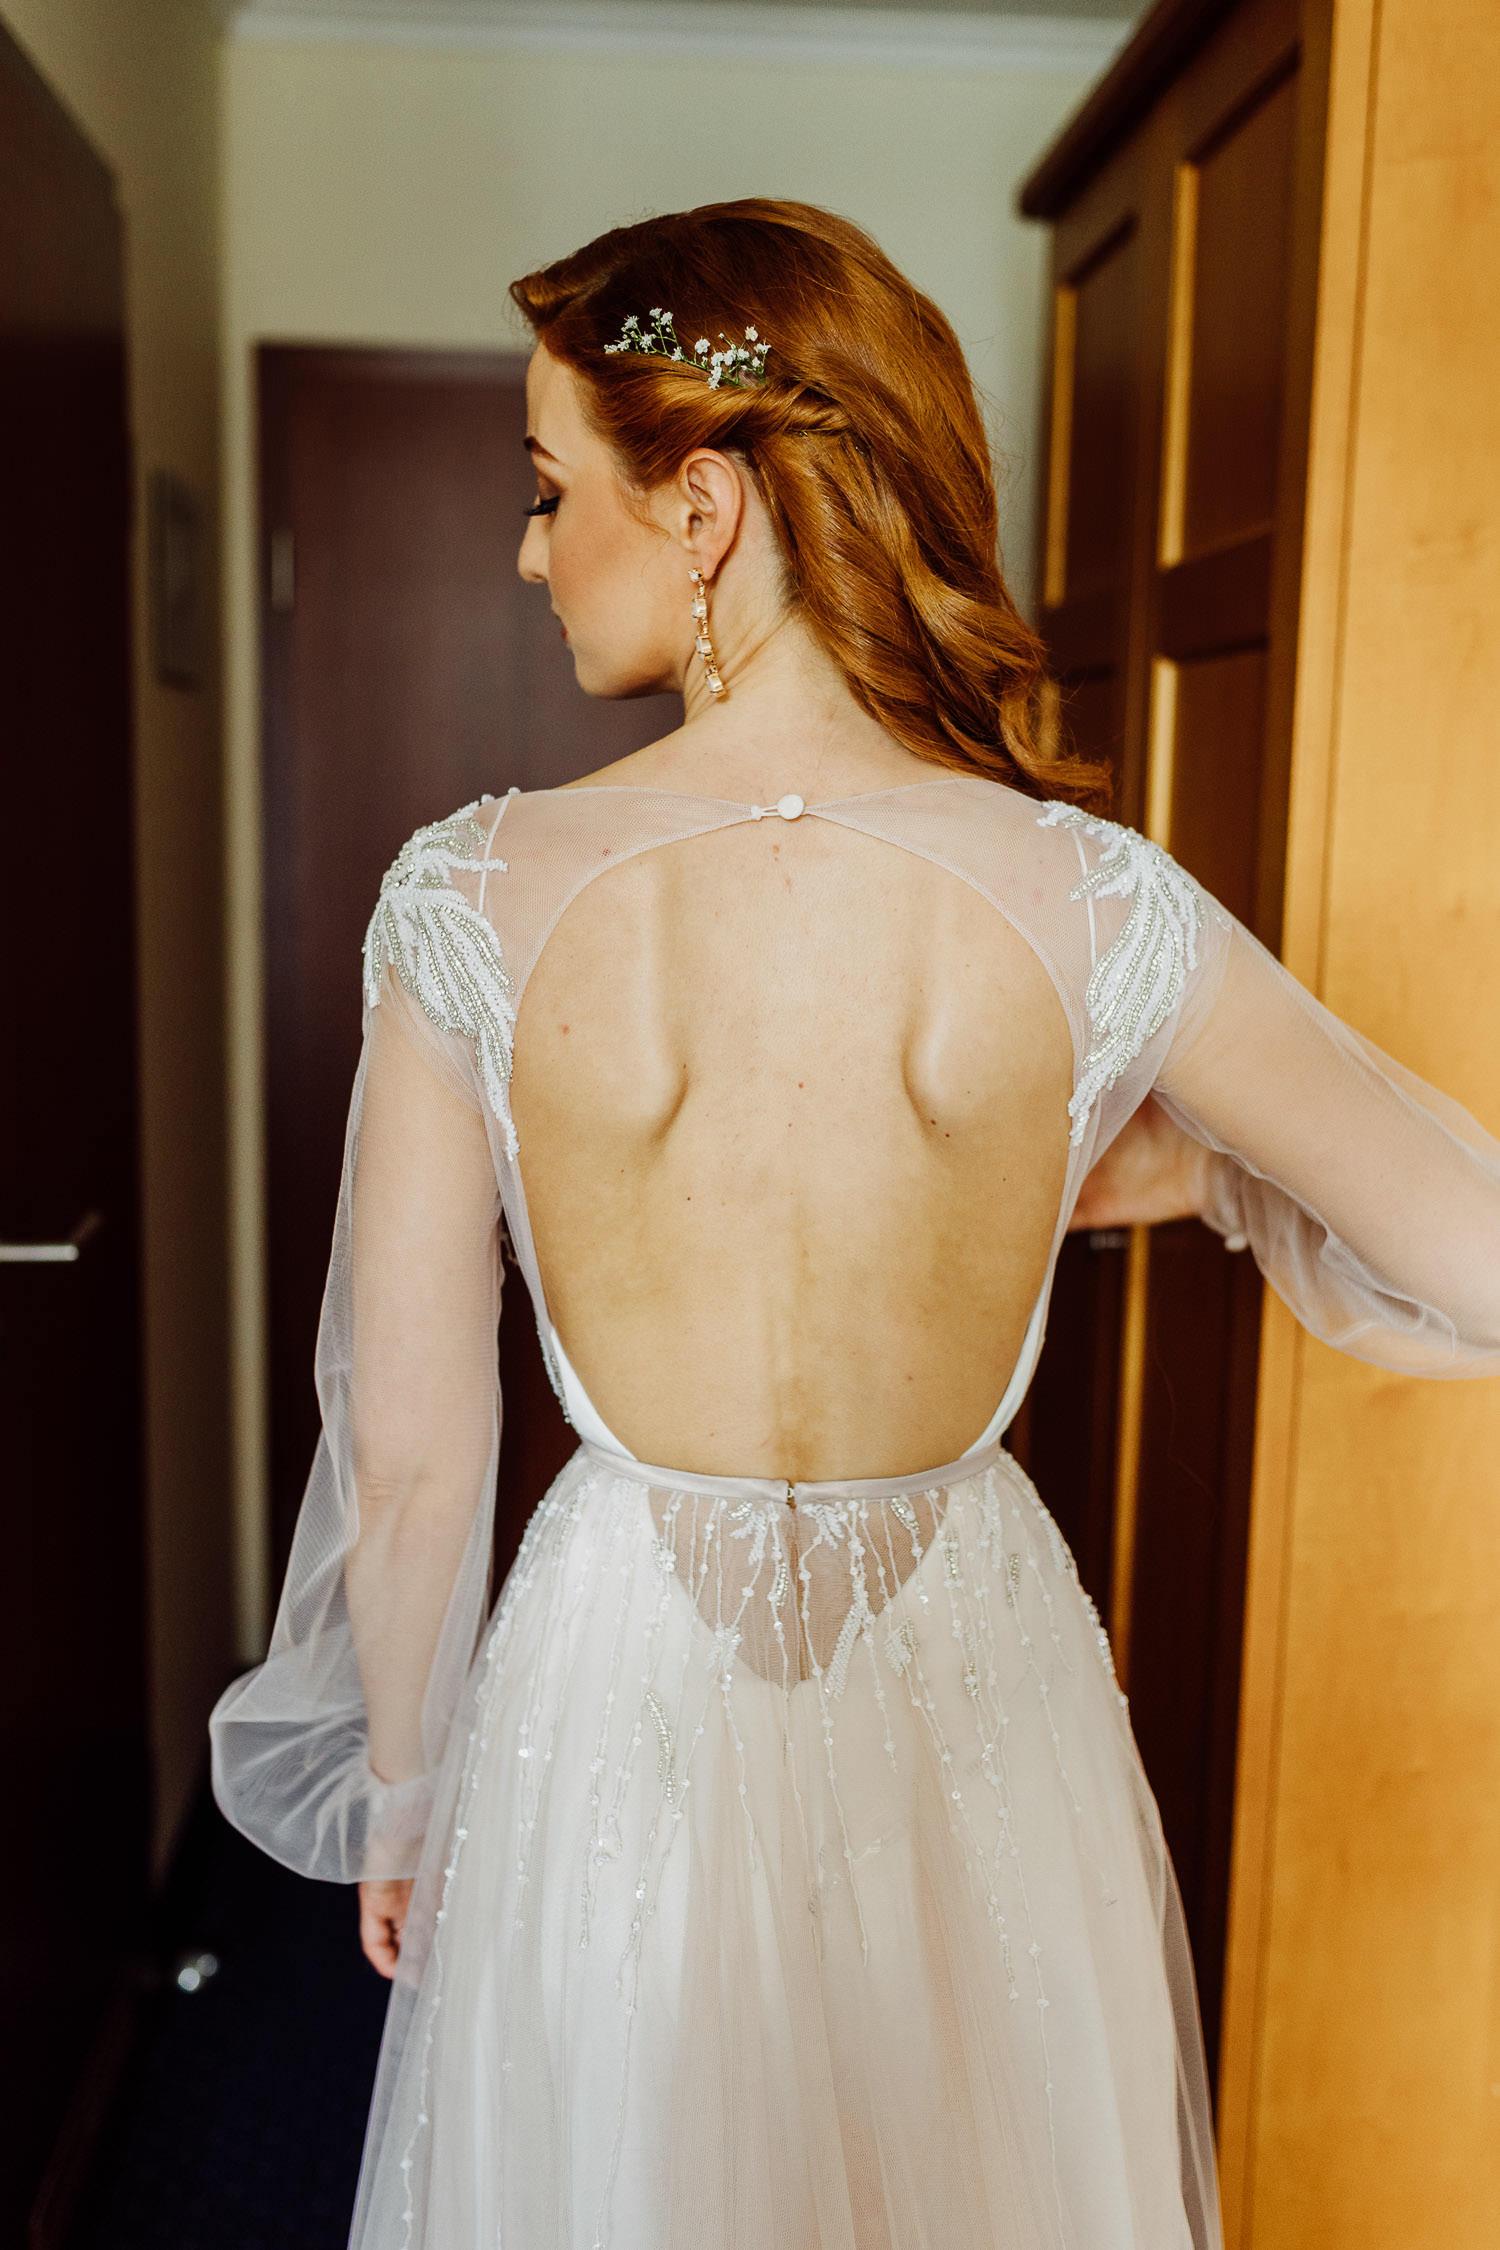 Brautkleid Ausschnitt von hinten